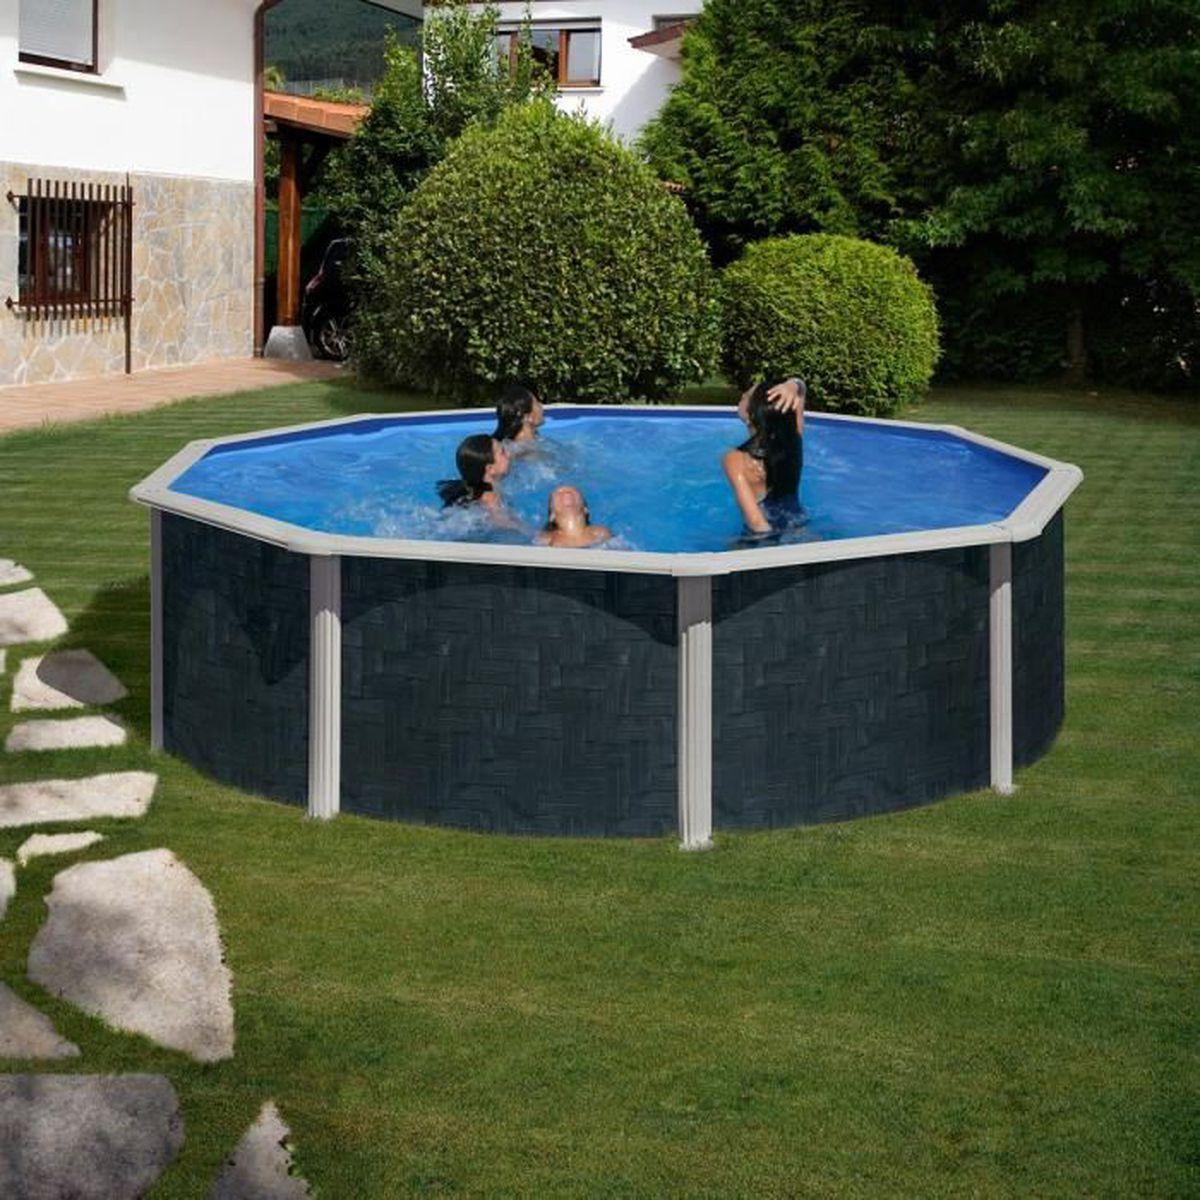 piscine piscine hors sol acier aspect bois rattan 460 x 12 - Piscine Hors Sol Metal Aspect Bois